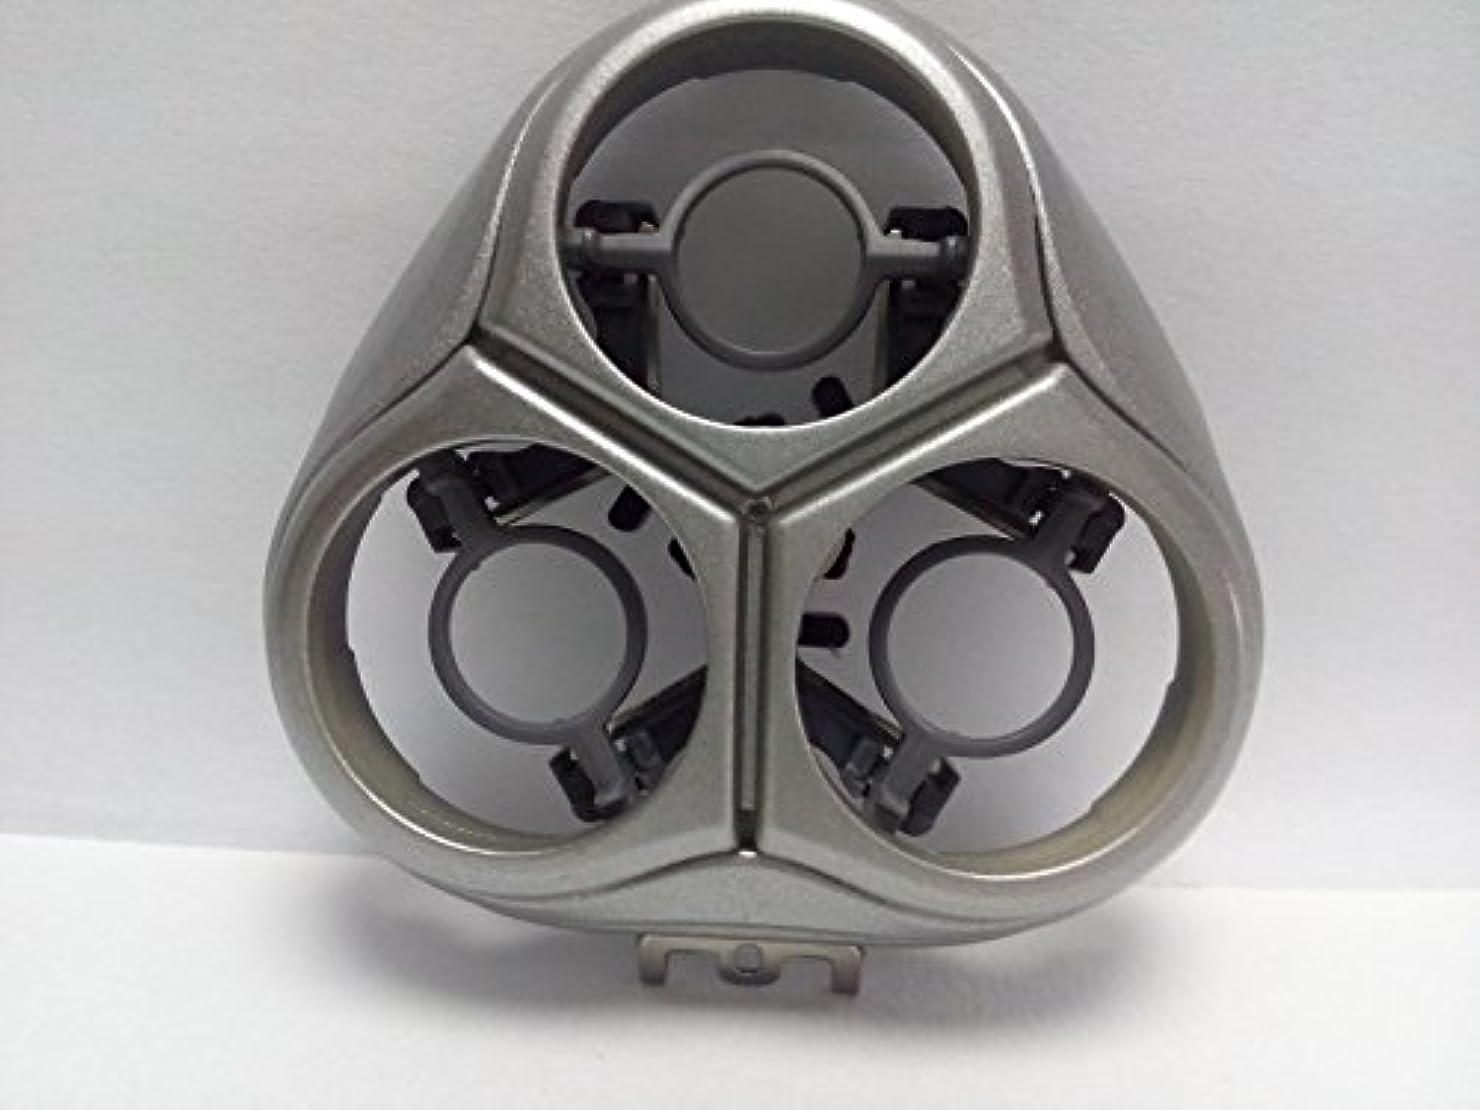 任命する最初はシェービングカミソリヘッドフレームホルダーカバー ブレードフレーム For Philips Norelco HQ8200 HQ8230 HQ8261 HQ8241 HQ8251 Shaver Razor Head blade...